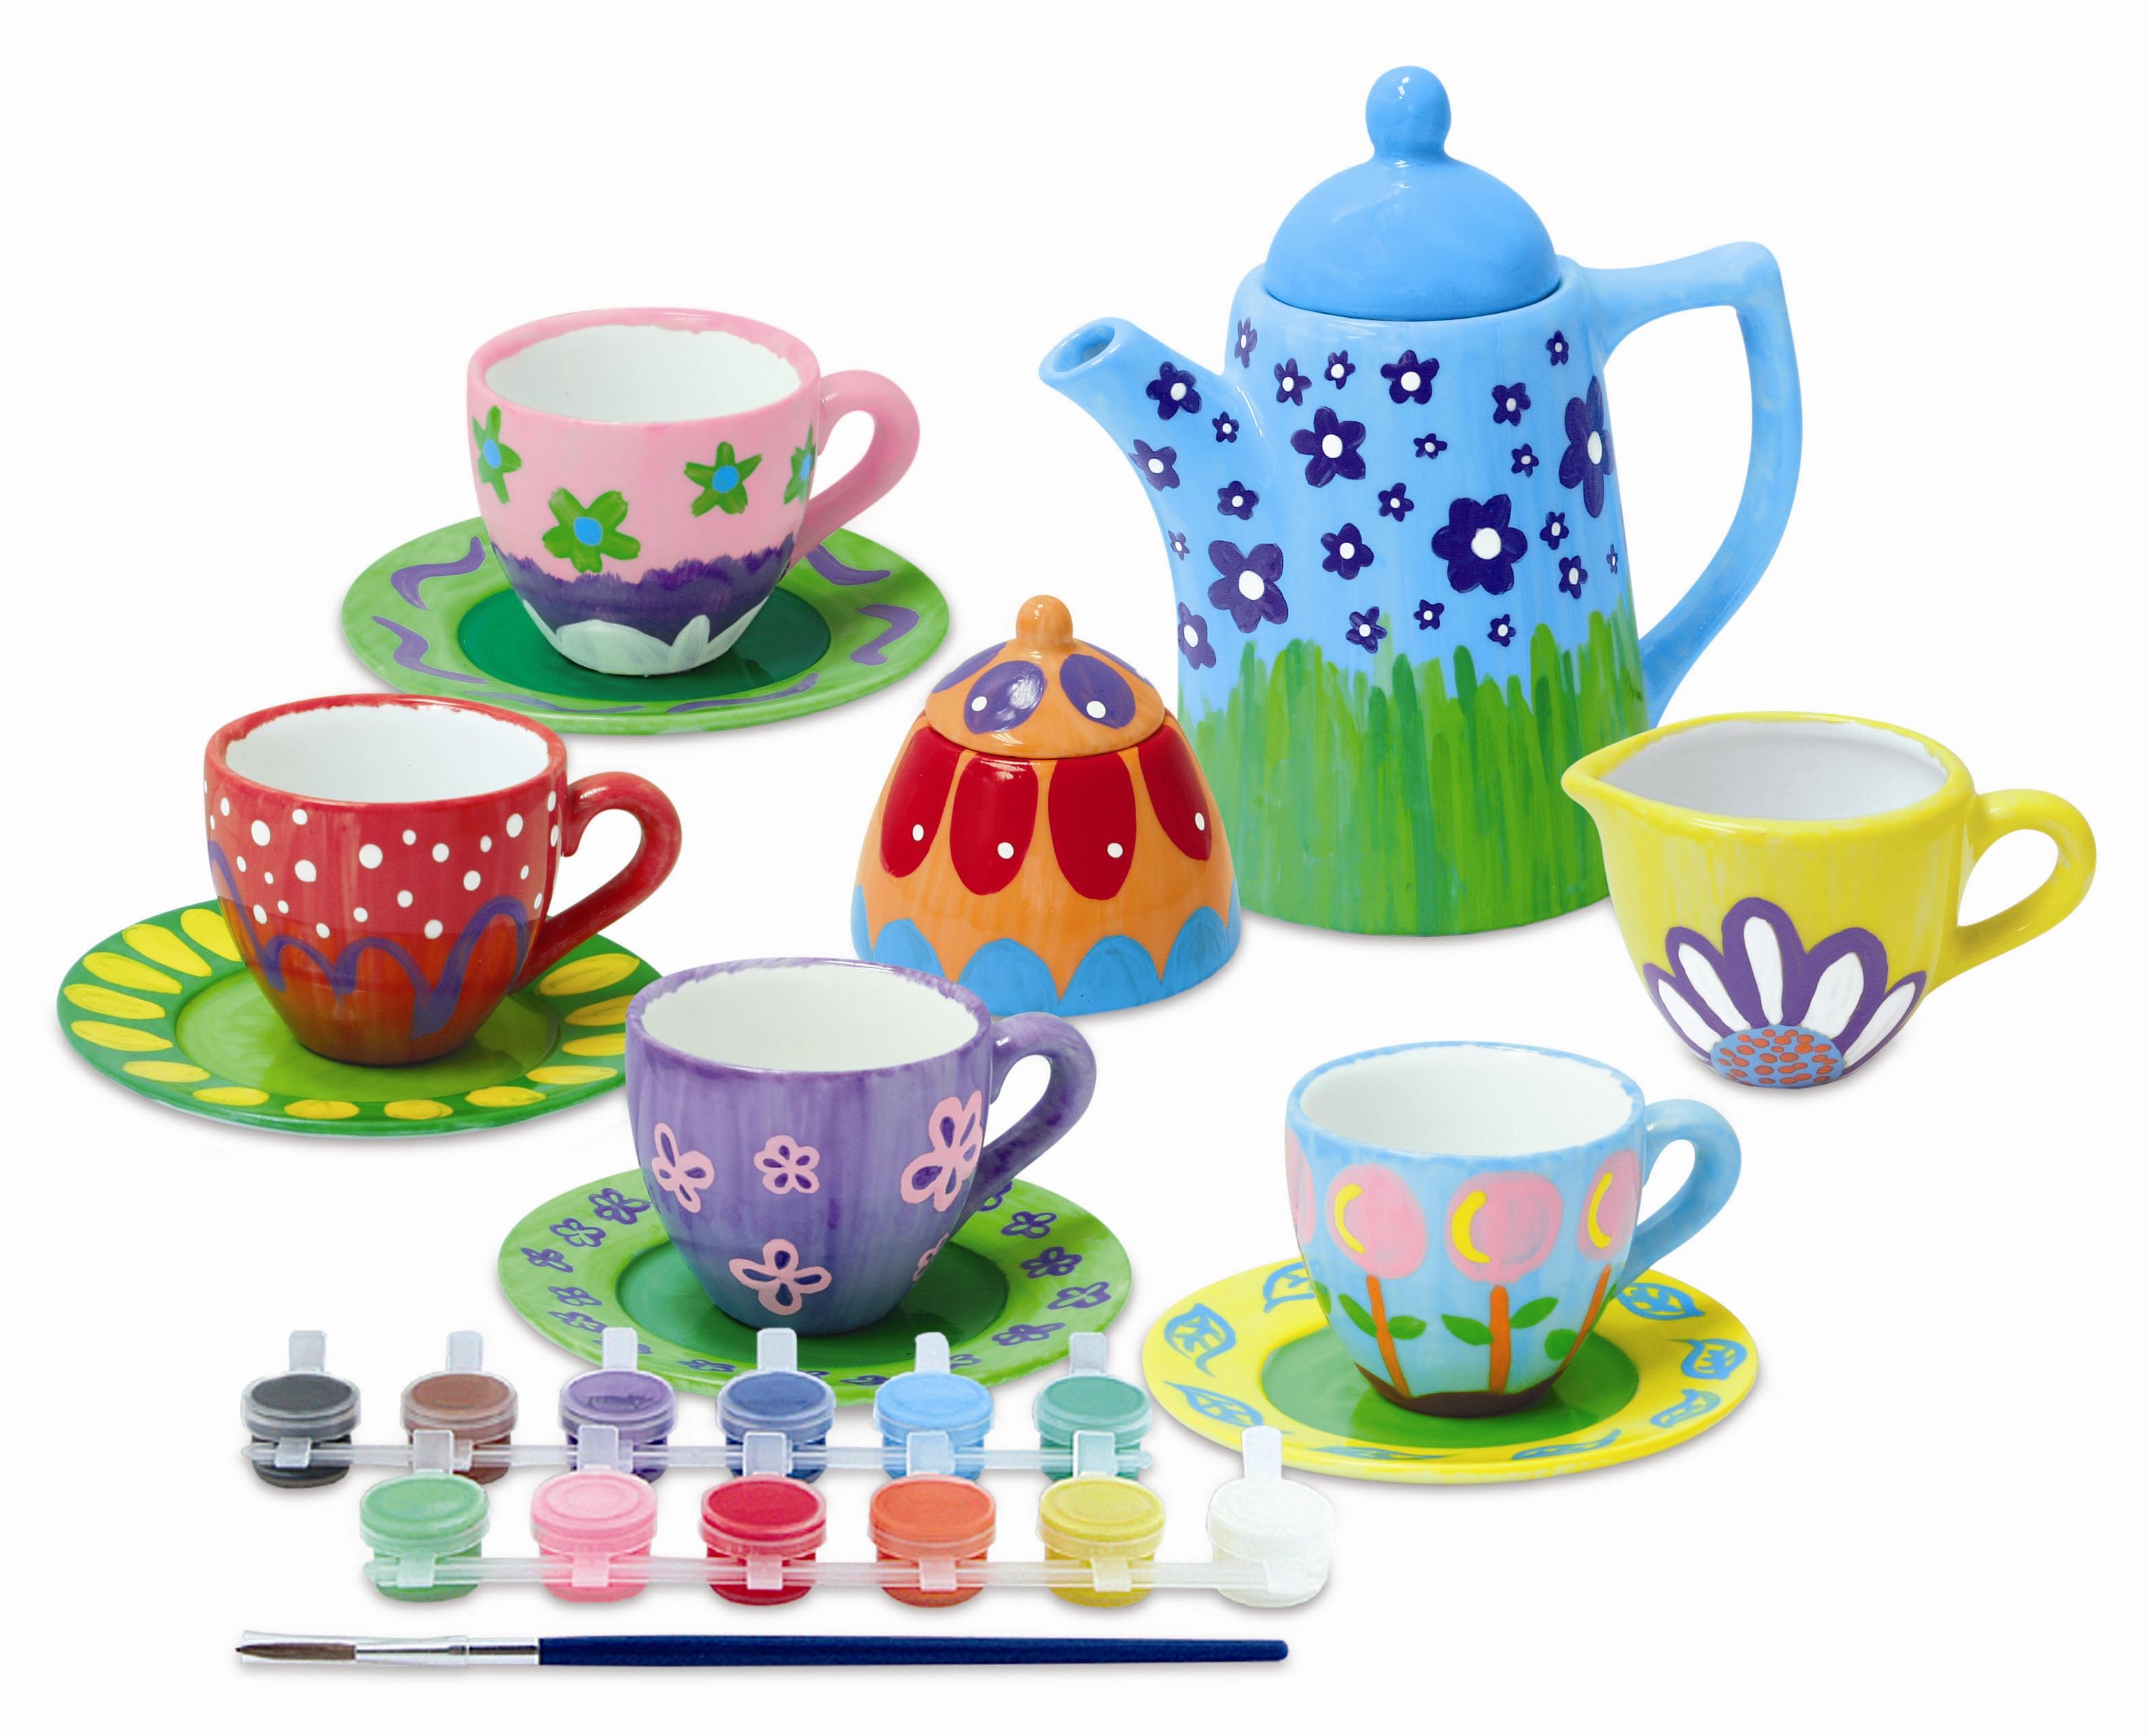 Картинки красивой посуды для детей